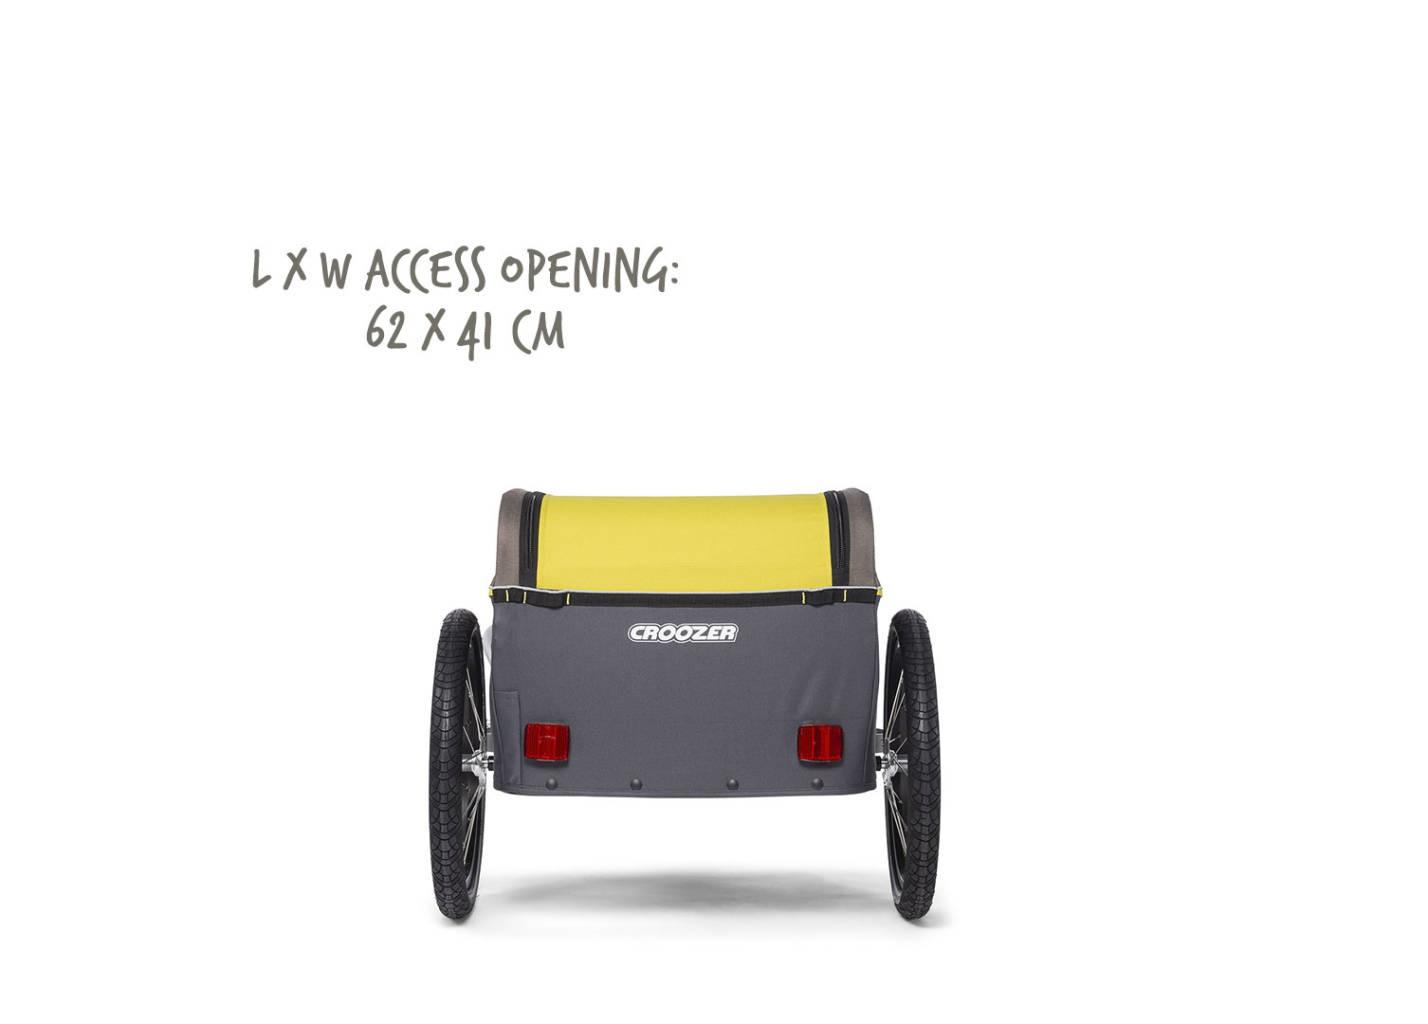 Kalle_access_opening_EN